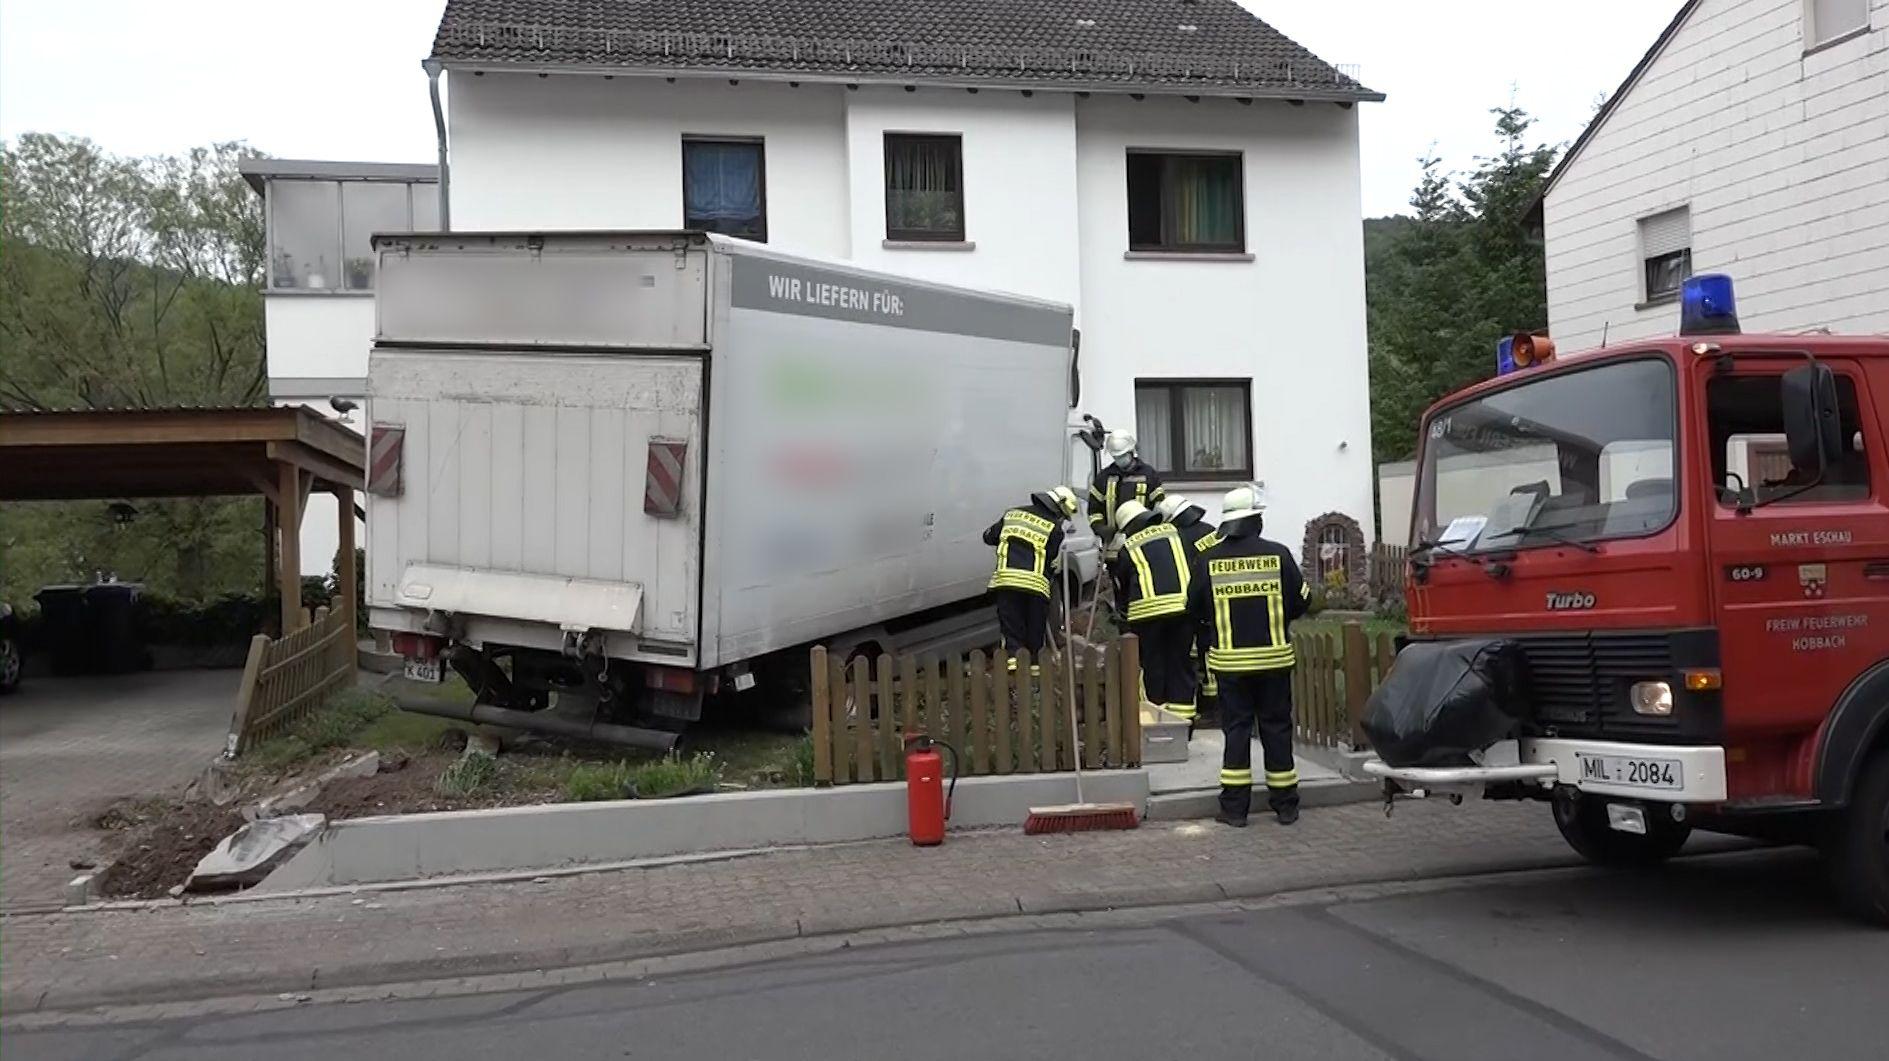 Lkw-Unfall in Hobbach